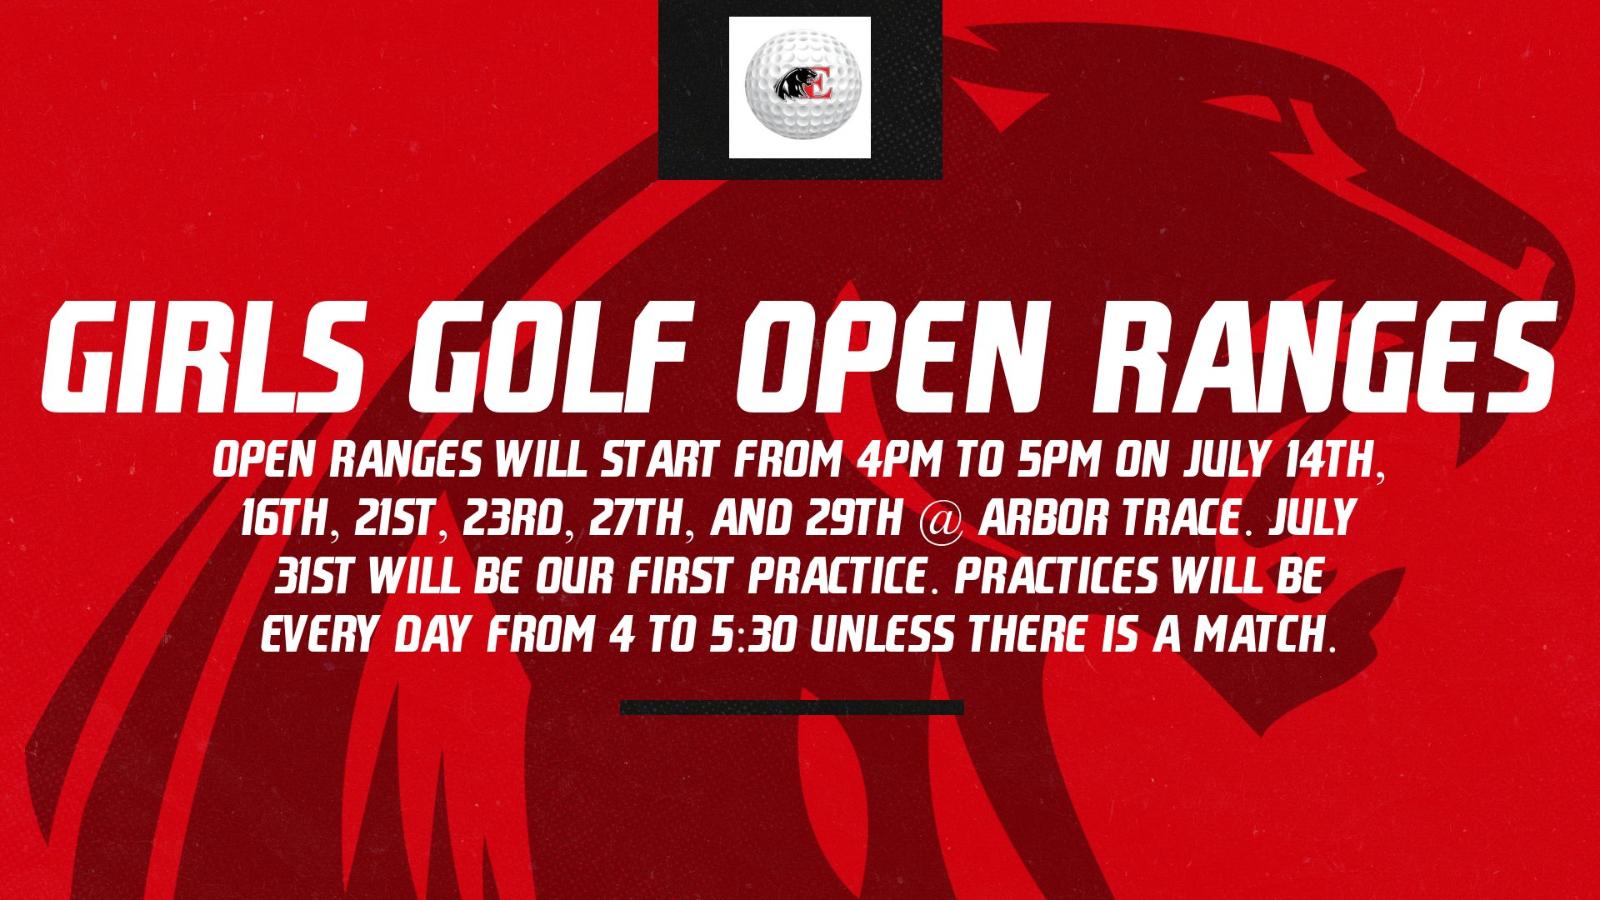 Girls Golf Open Ranges